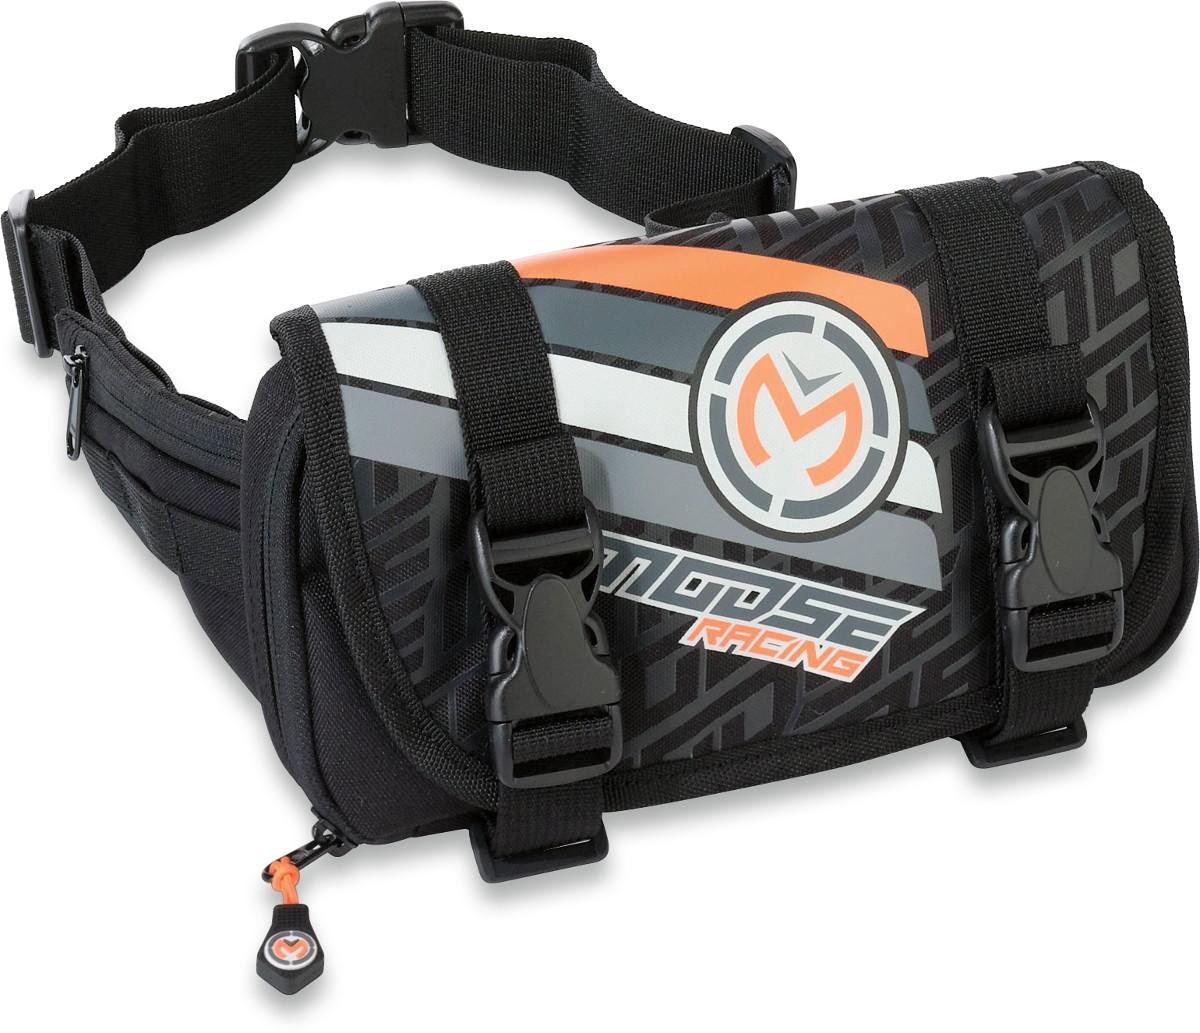 【MOOSE RACING】工具包: H&A [3520-0002] - 「Webike-摩托百貨」